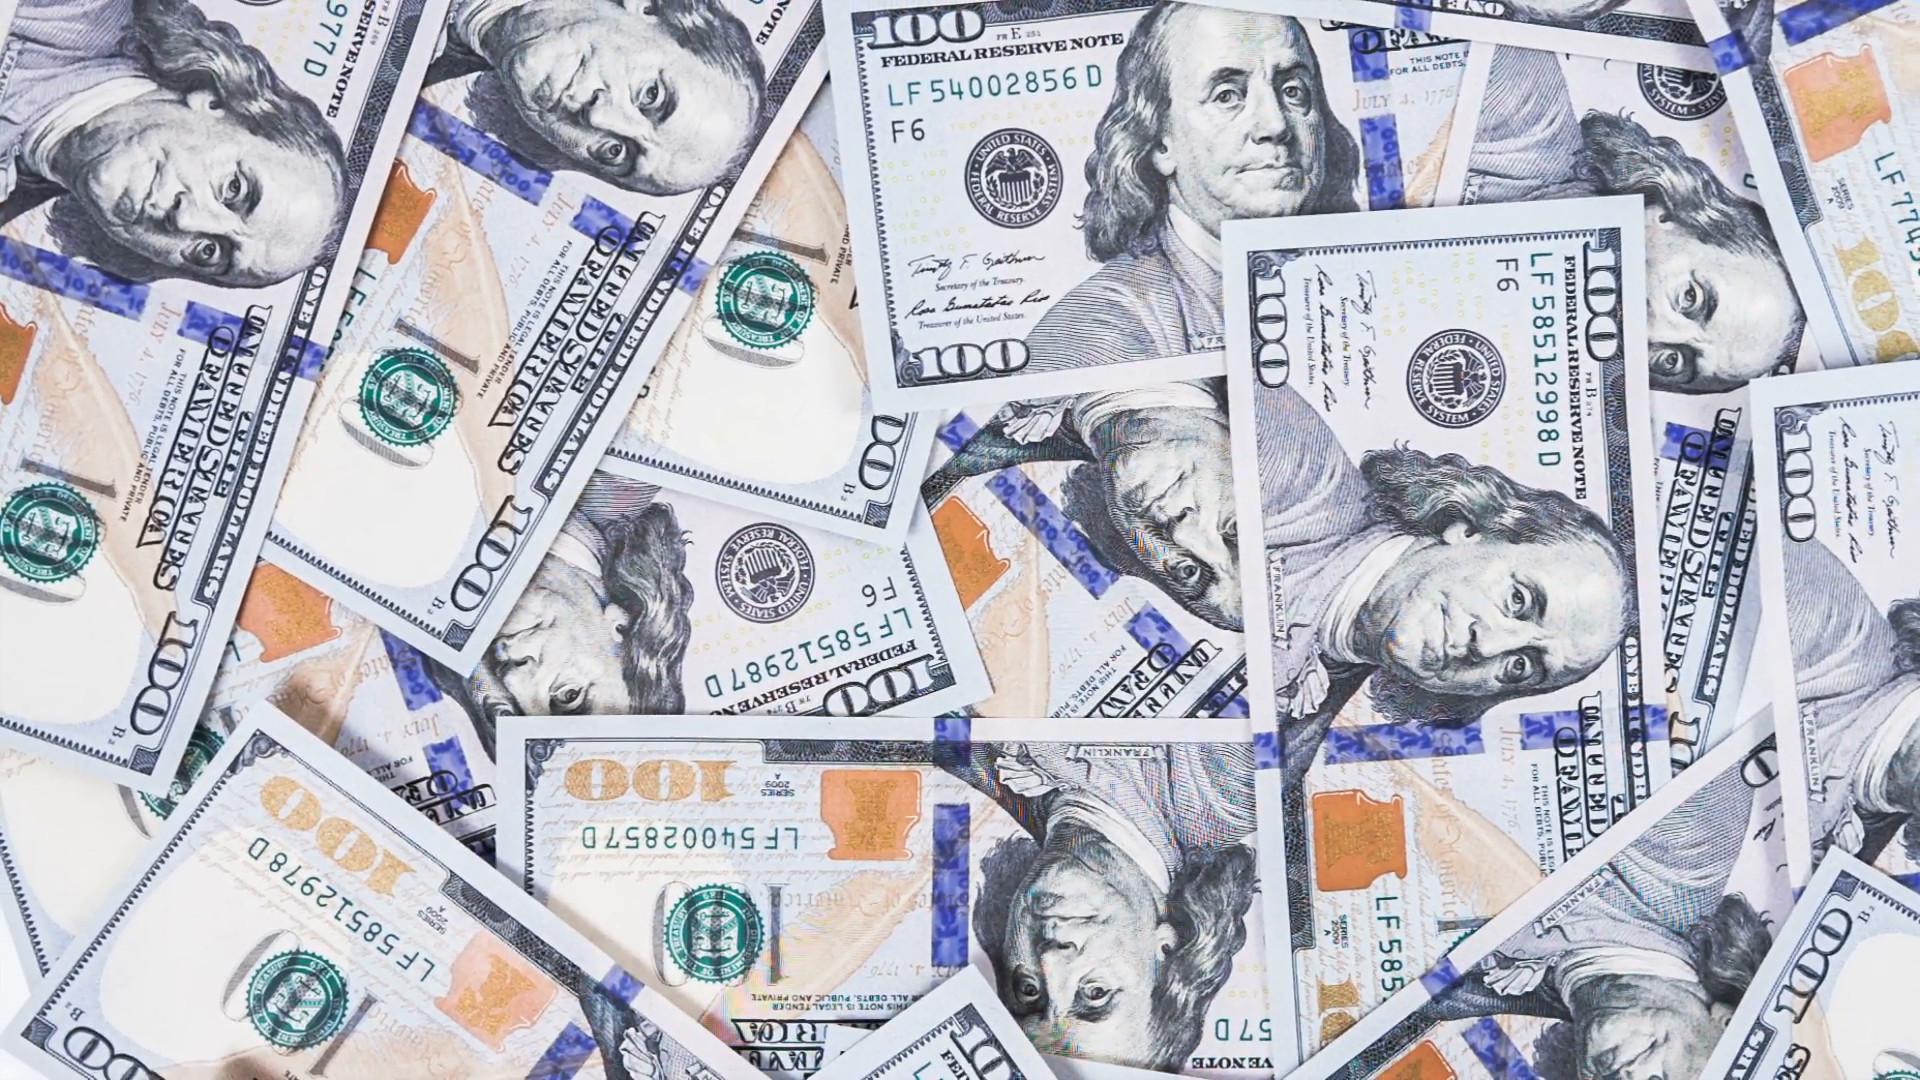 100 Dollar Bill Wallpaper 58 images 1920x1080